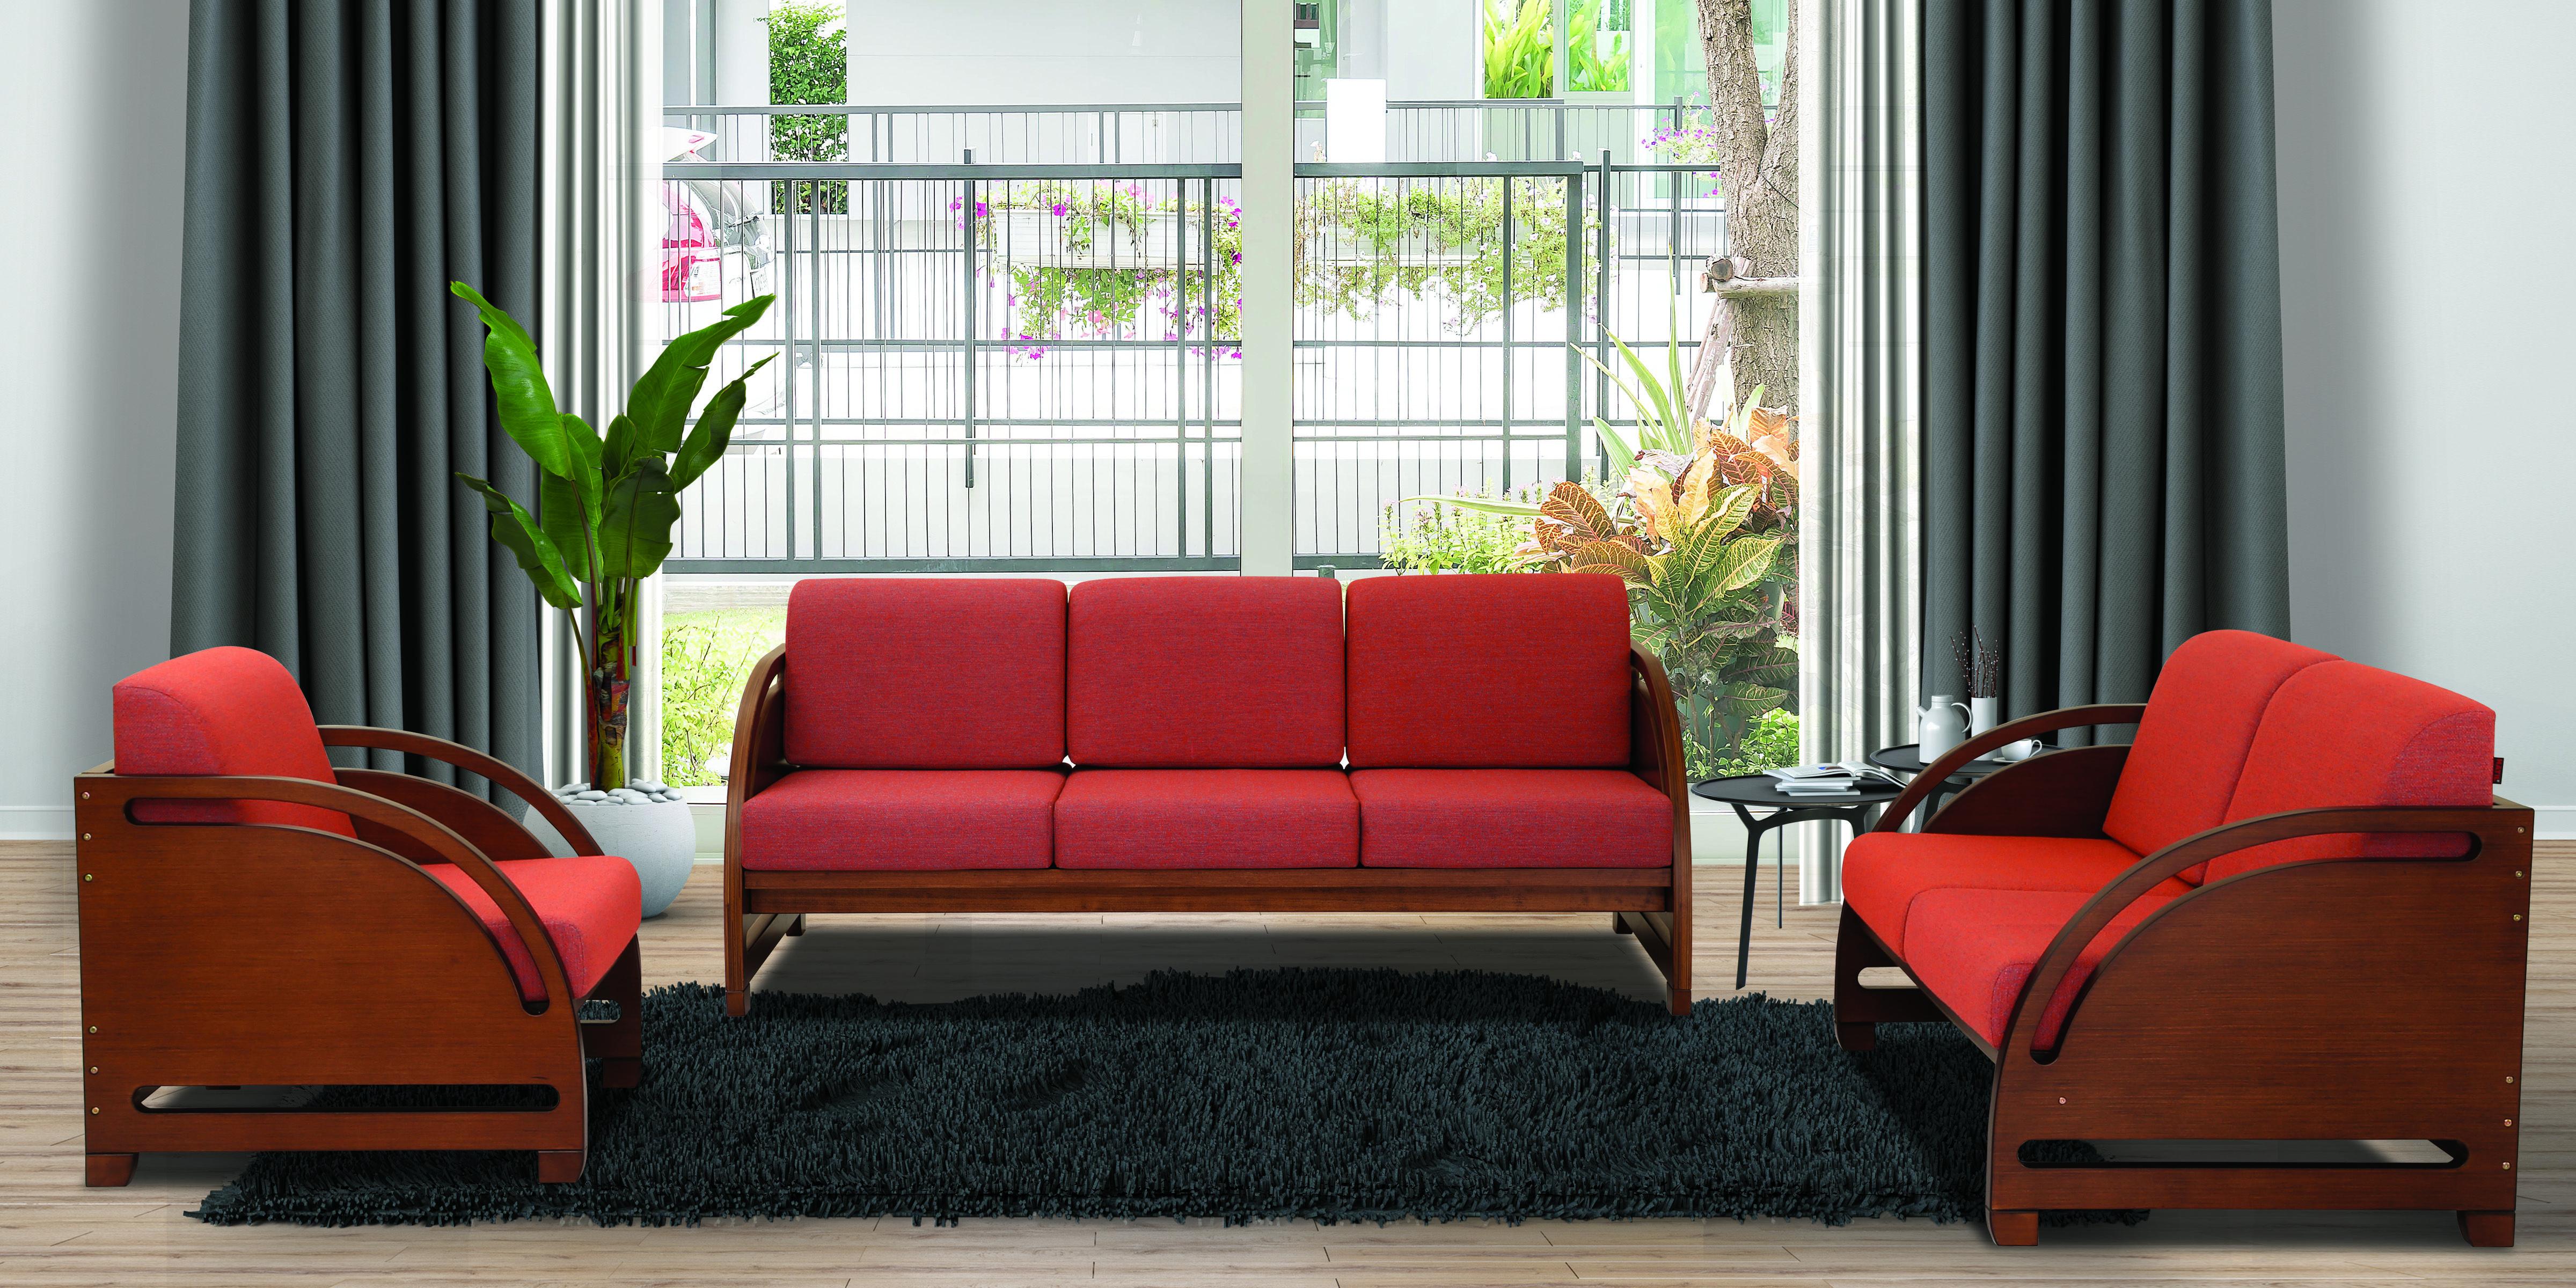 3 Seater Sofa Price In 2020 Sofa Price Seater Sofa 3 Seater Sofa